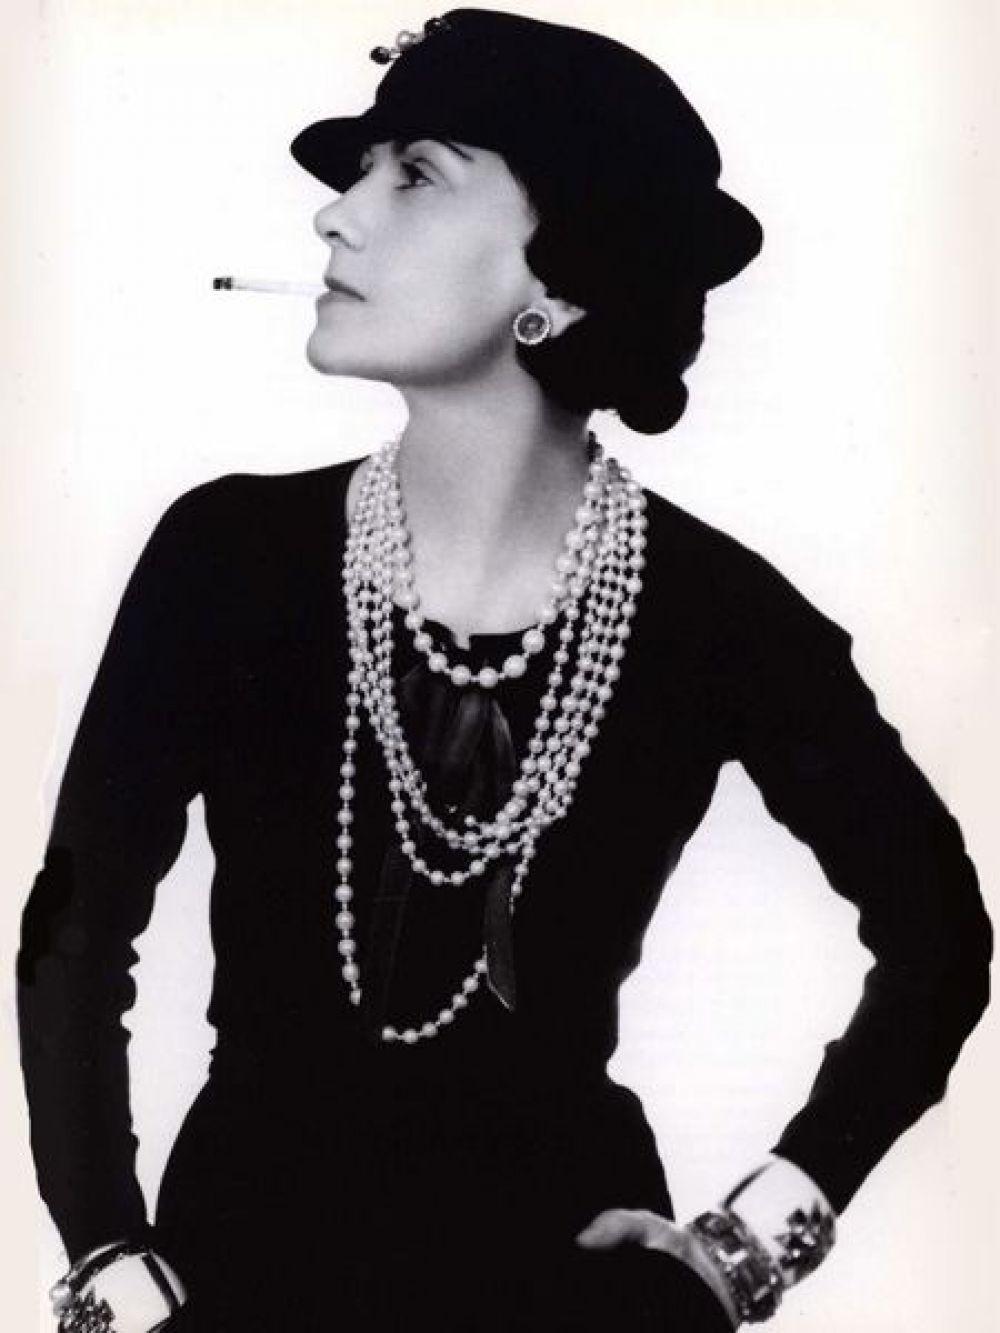 """В 1920-ые стиль Шанель - это дерзкие юбки короче принятого, маленькие шляпки и такое же маленькое черное платье, а еще - крепкая сигарета. В те годы дизайнер яро поддерживала идею суфражисток, ведь неоднократно натыкалась на осуждение дам за то, что не побоялась открыть собственное дело и не доверила свои дела какому-нибудь мужчине. """"Был весь мир и была Коко Шанель"""" - так про нее и до сих пор говорит Карл Лагерфельд, продолжатель традиции Дома Моды Шанель."""